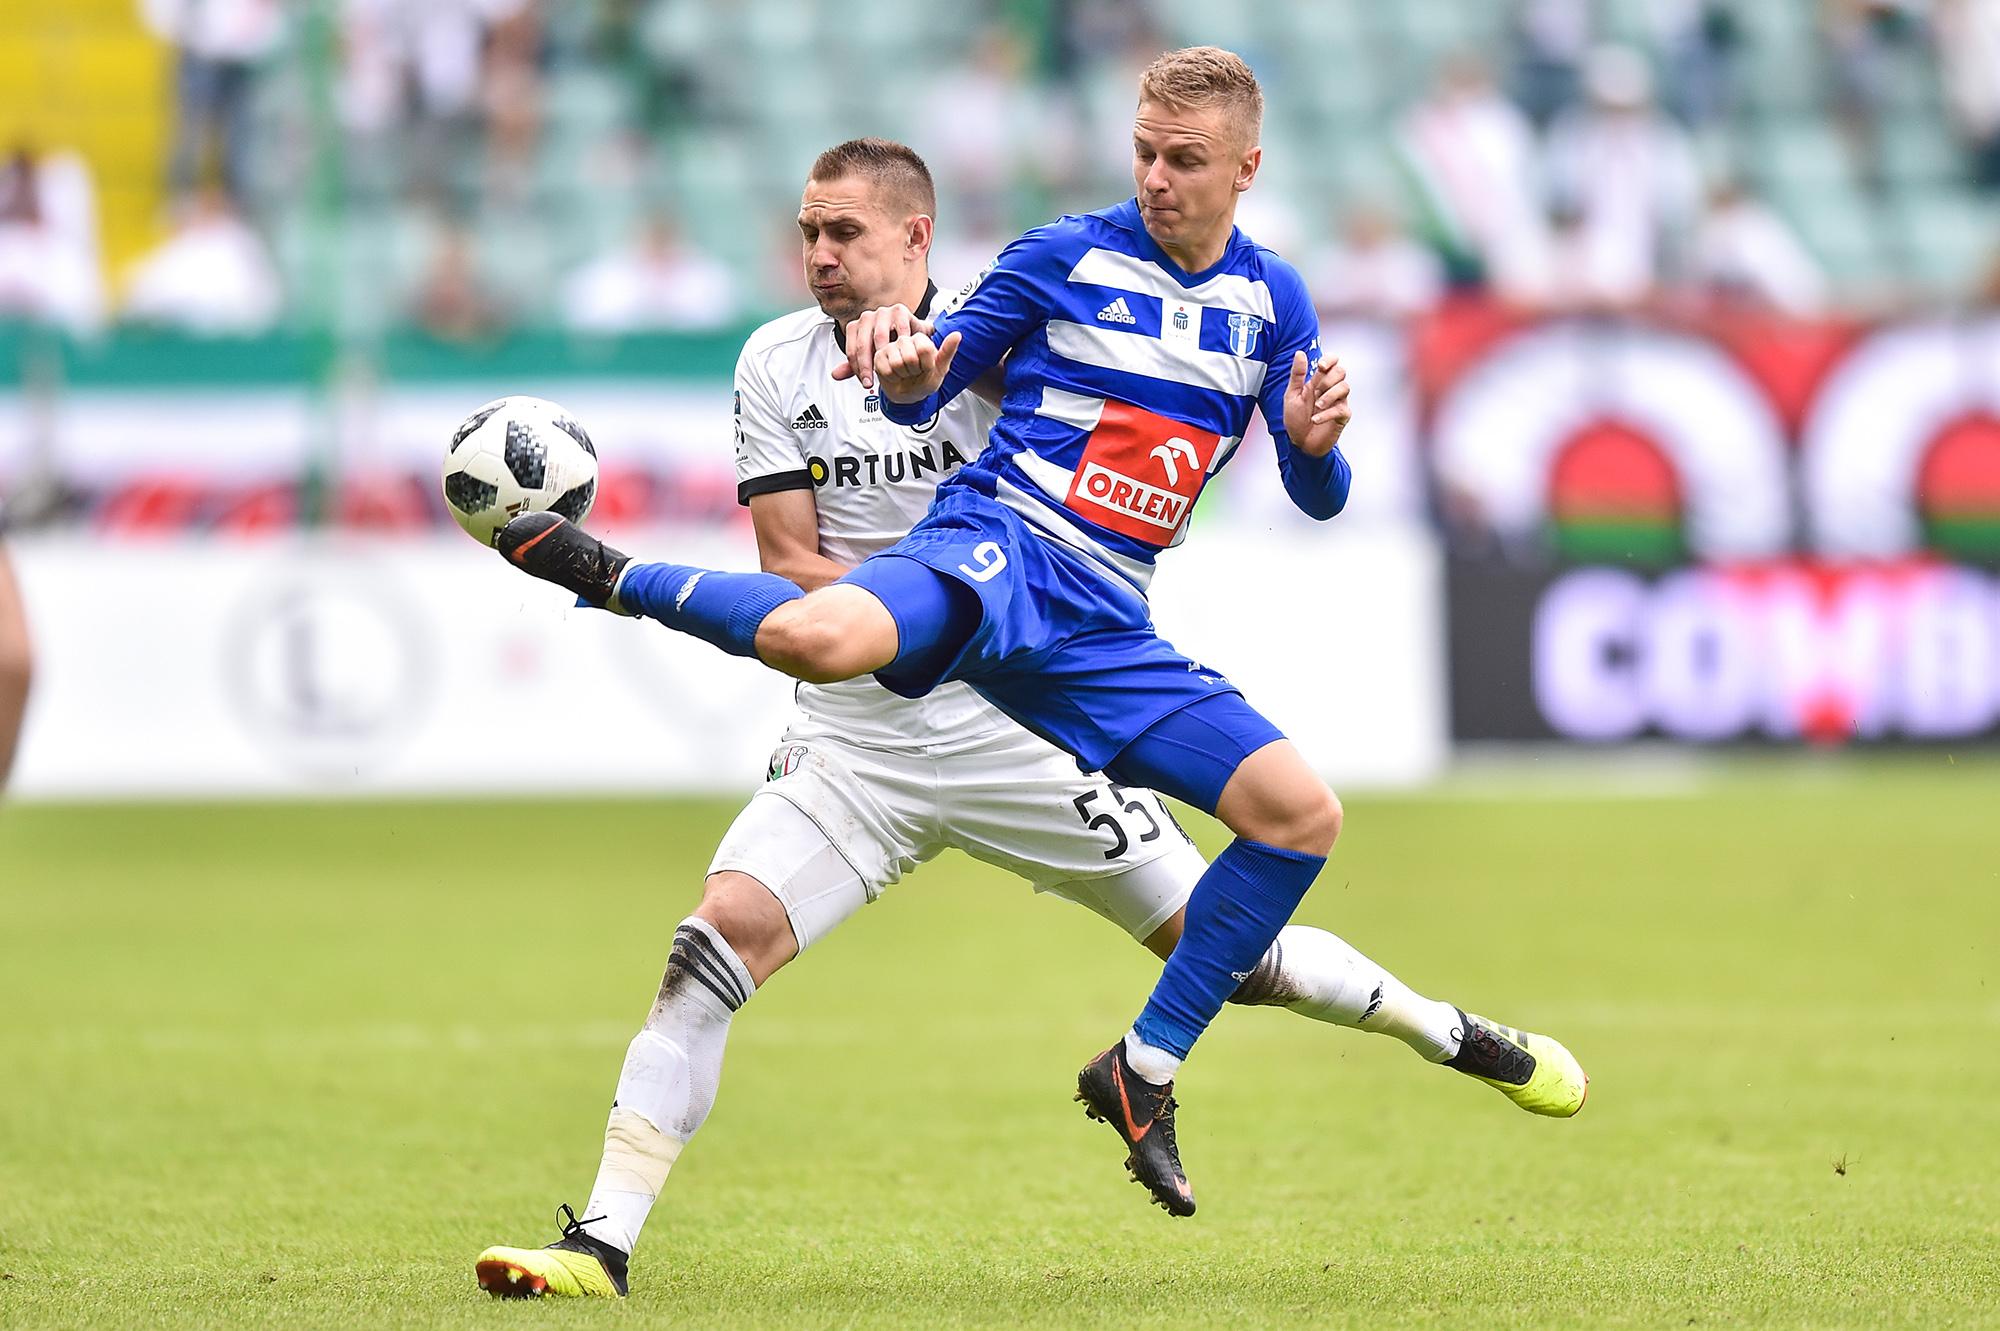 Legia Warszawa - Wisla Plock